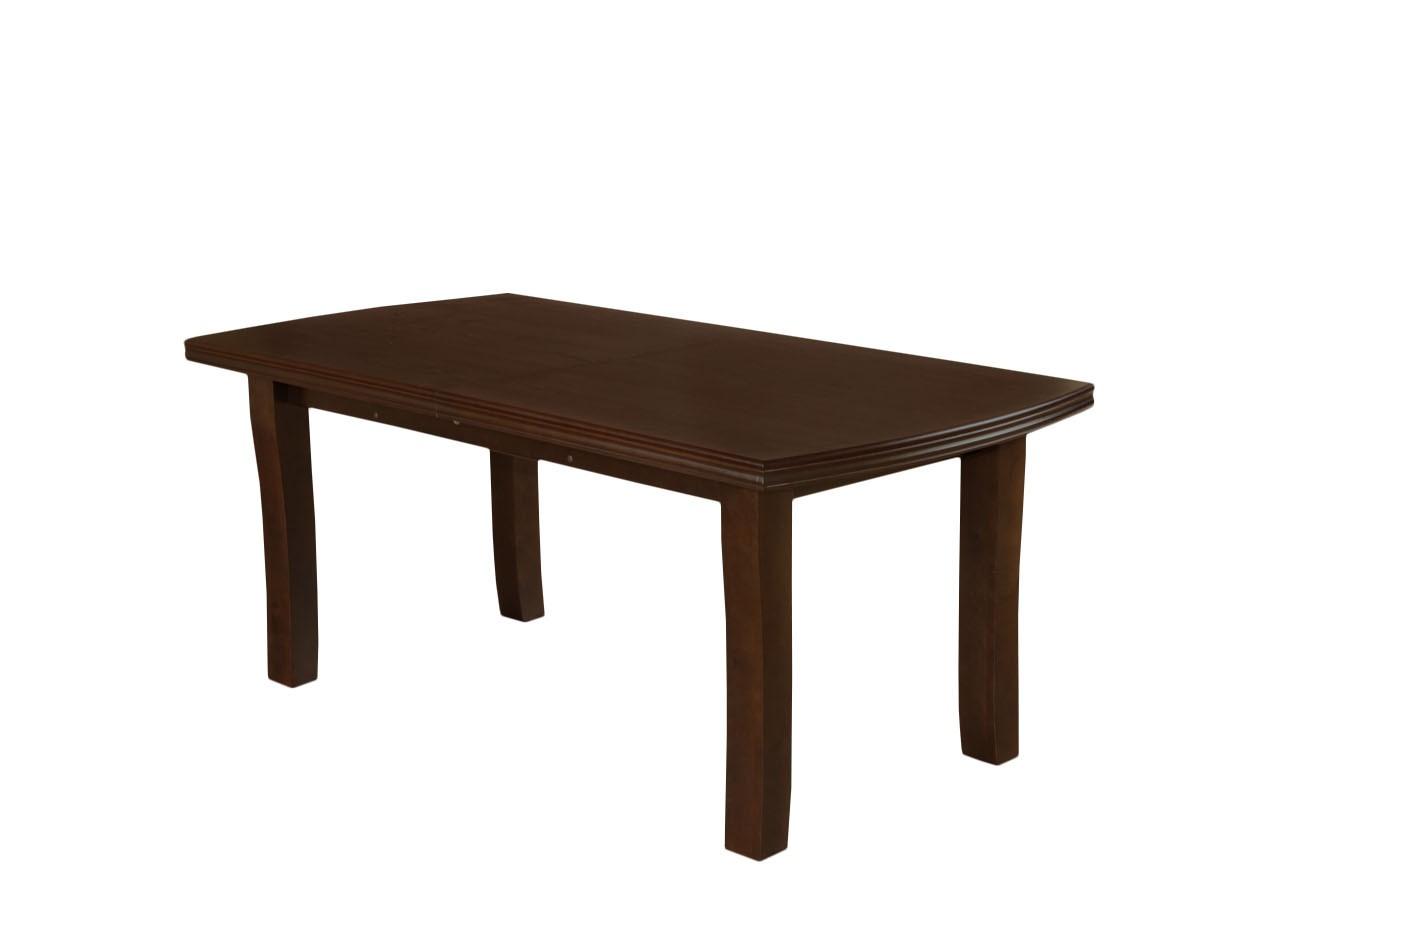 Stół SM13 szeroki 90 cm rozkładany do 240 cm